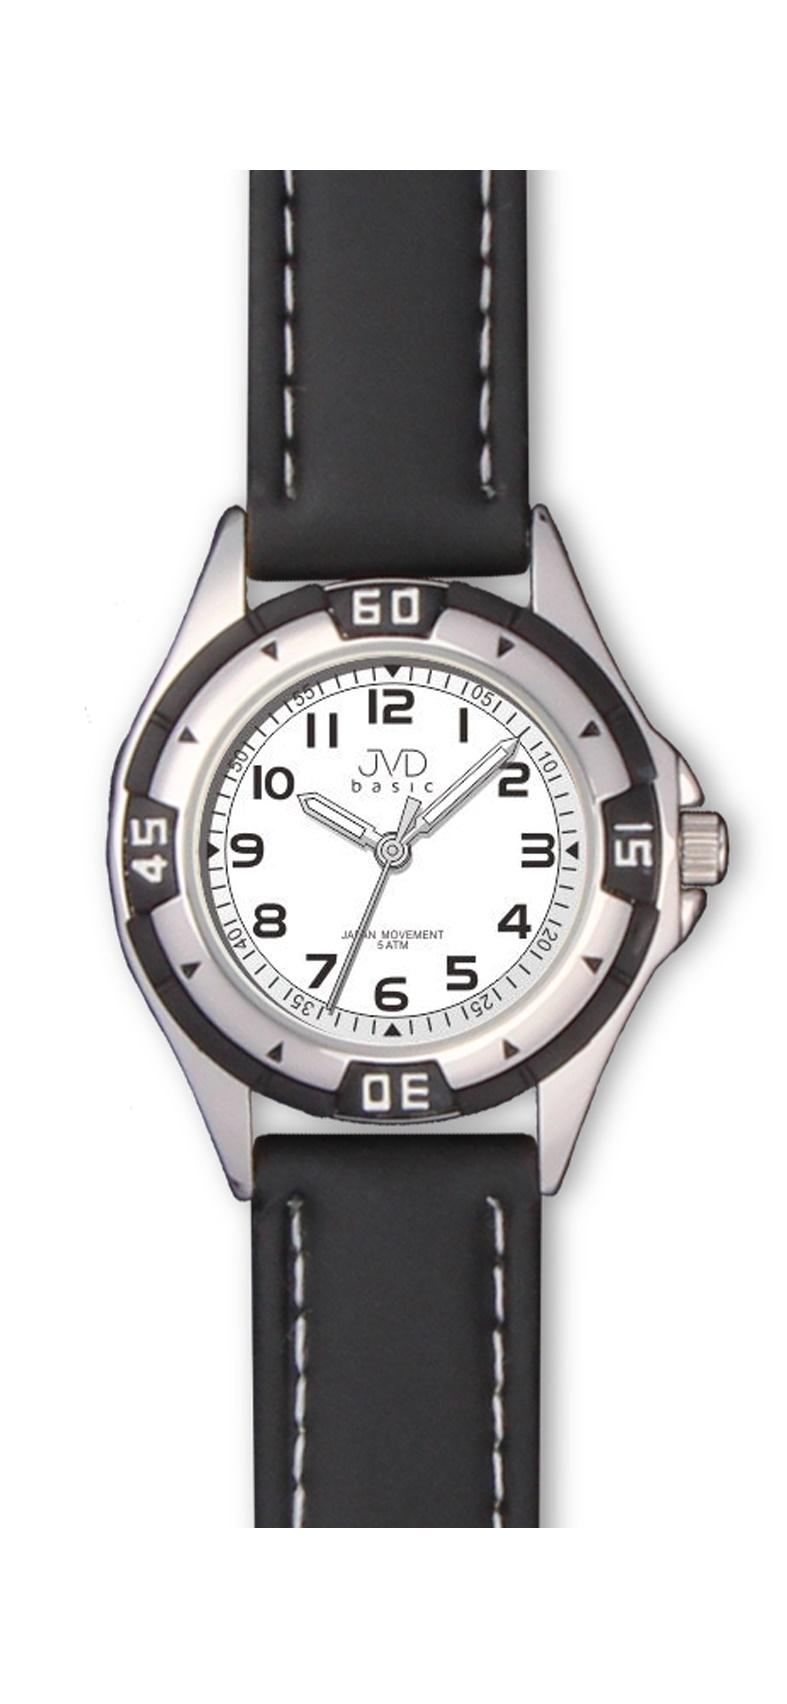 Chlapecké dětské voděodolné sportovní hodinky JVD J7099.2 - 5ATM (chlapecké hodinky)